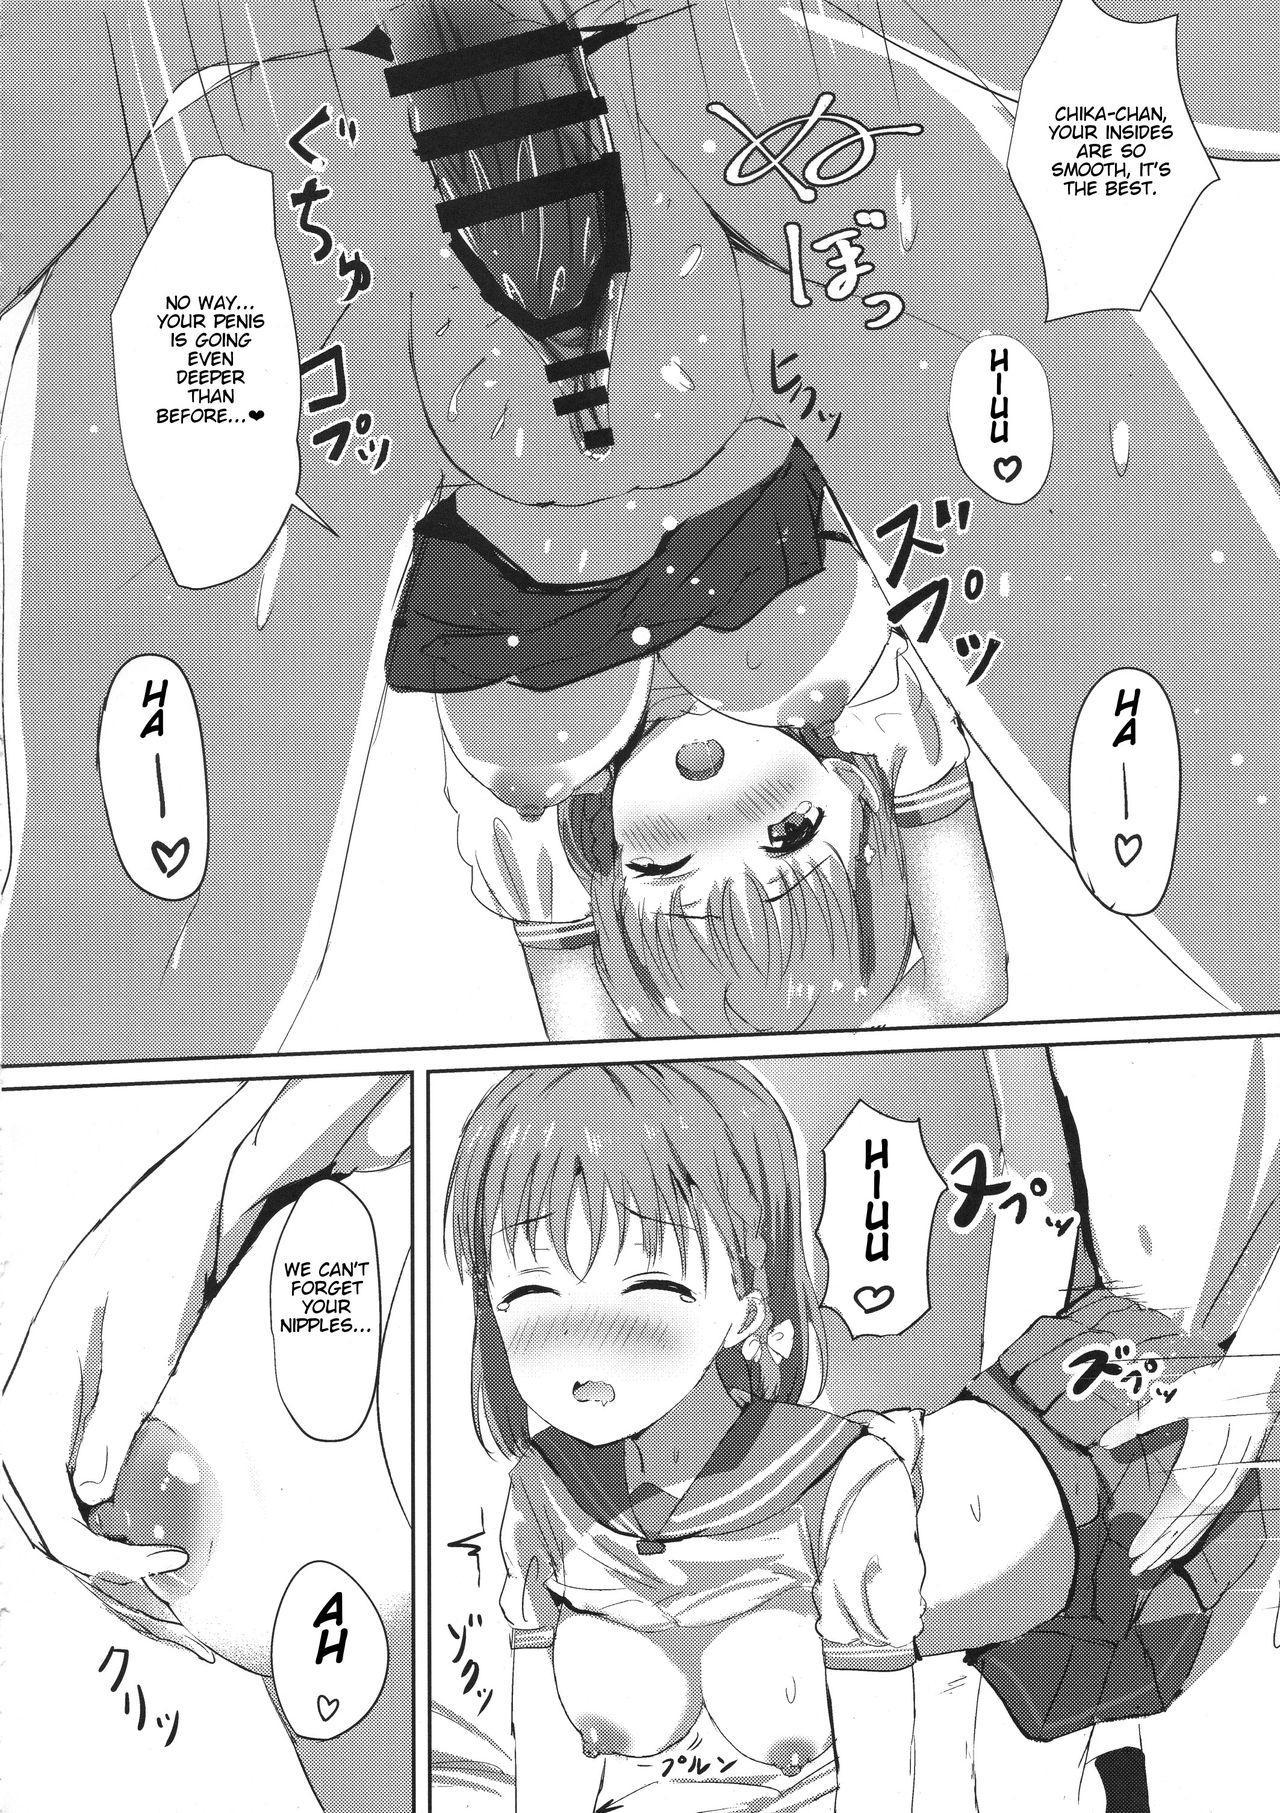 Mikaniro no Yado 16